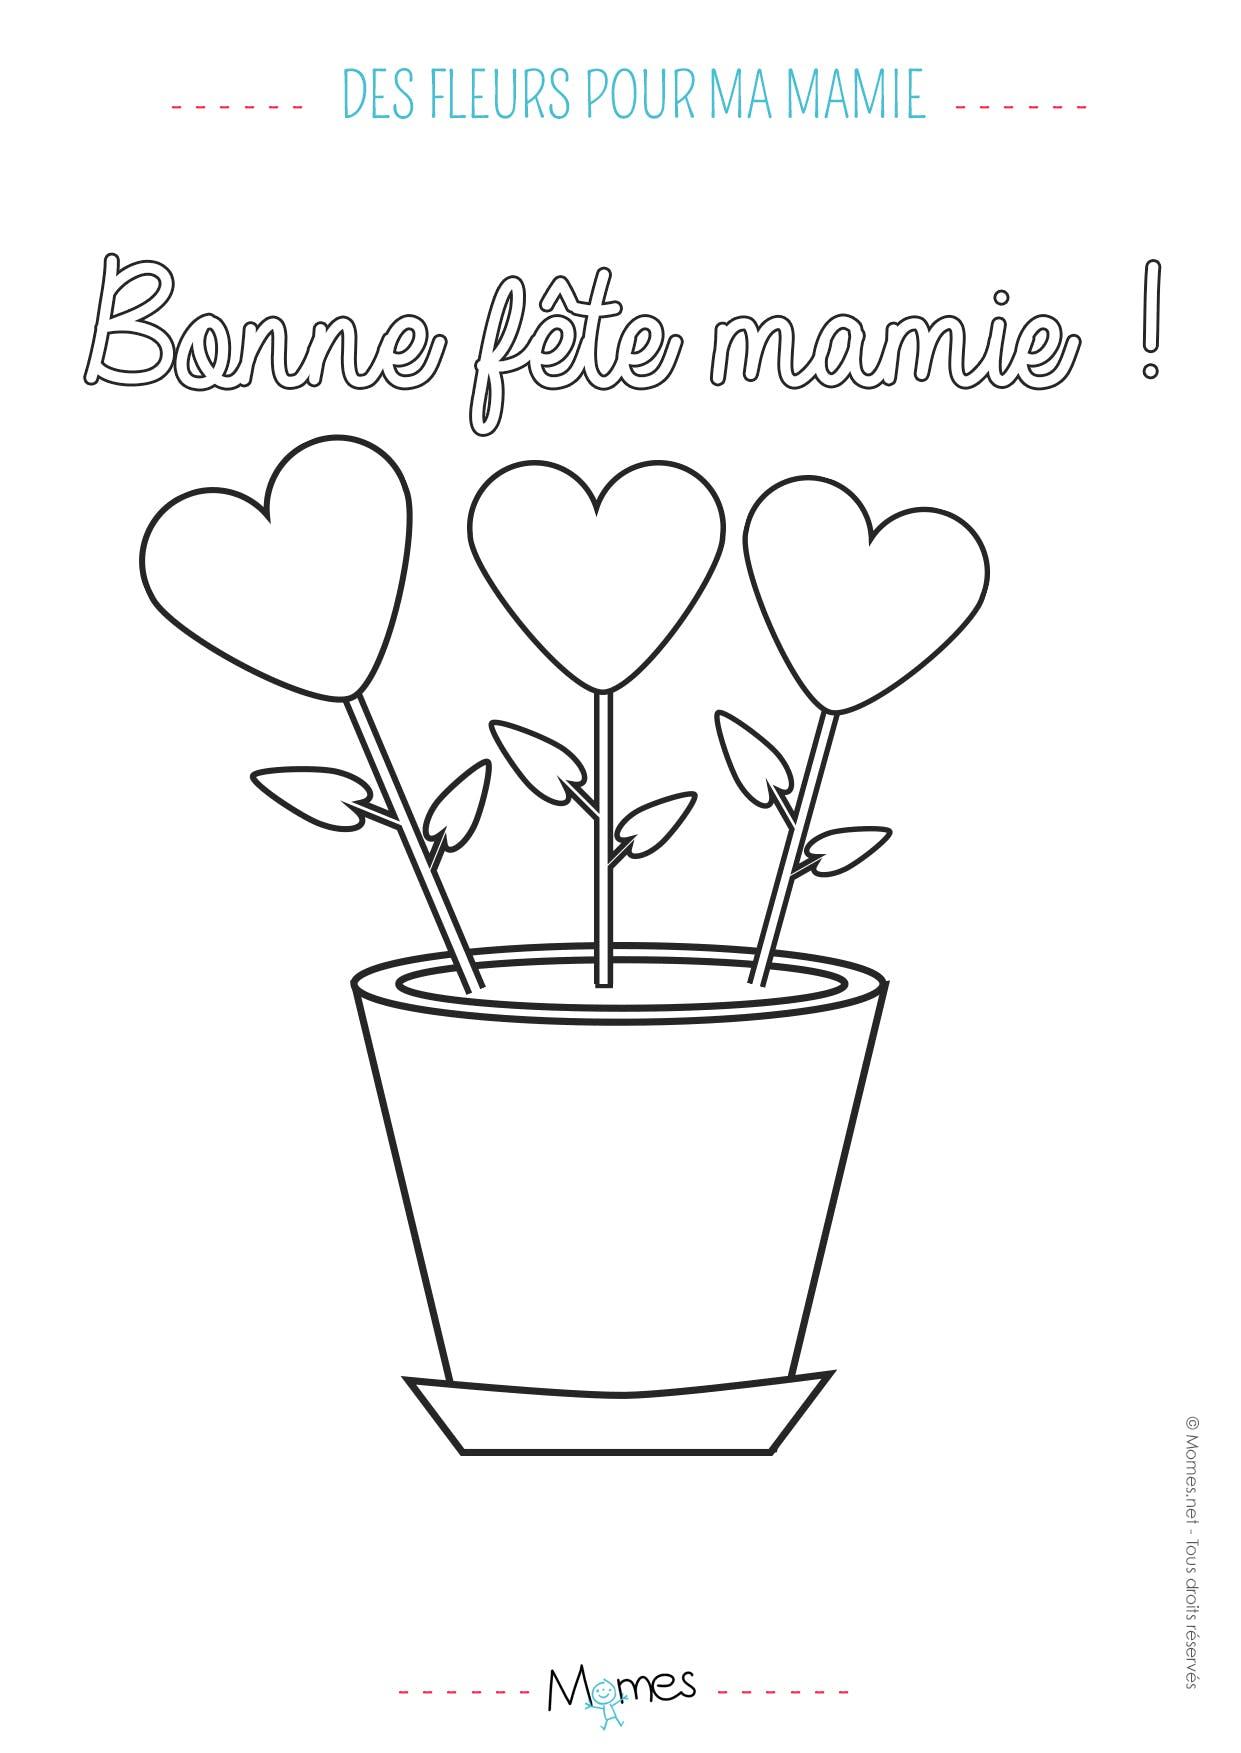 Coloriage Fete Des Grands Meres Un Bouquet De Coeurs Momes Net